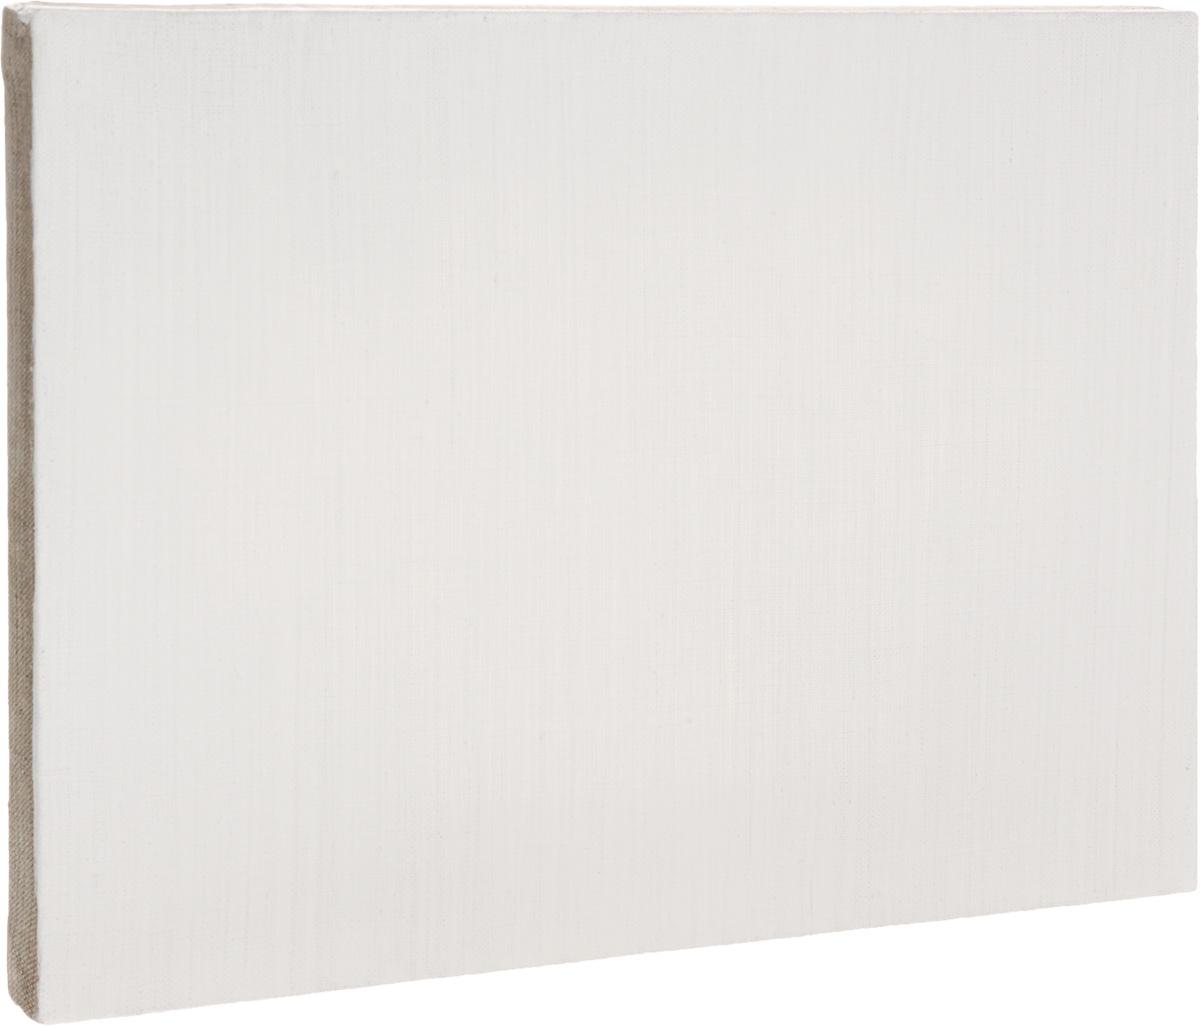 Холст ArtQuaDram Мелкозернистый на подрамнике, грунтованный, 25 х 35 смТ0003822Холст на деревянном подрамнике ArtQuaDram Мелкозернистый изготовлен из 100% натурального льна. Подходит для профессионалов и художников. Холст не трескается, не впитывает слишком много краски, цвет краски и качество не изменяются. Холст идеально подходит для масляной и акриловой живописи.